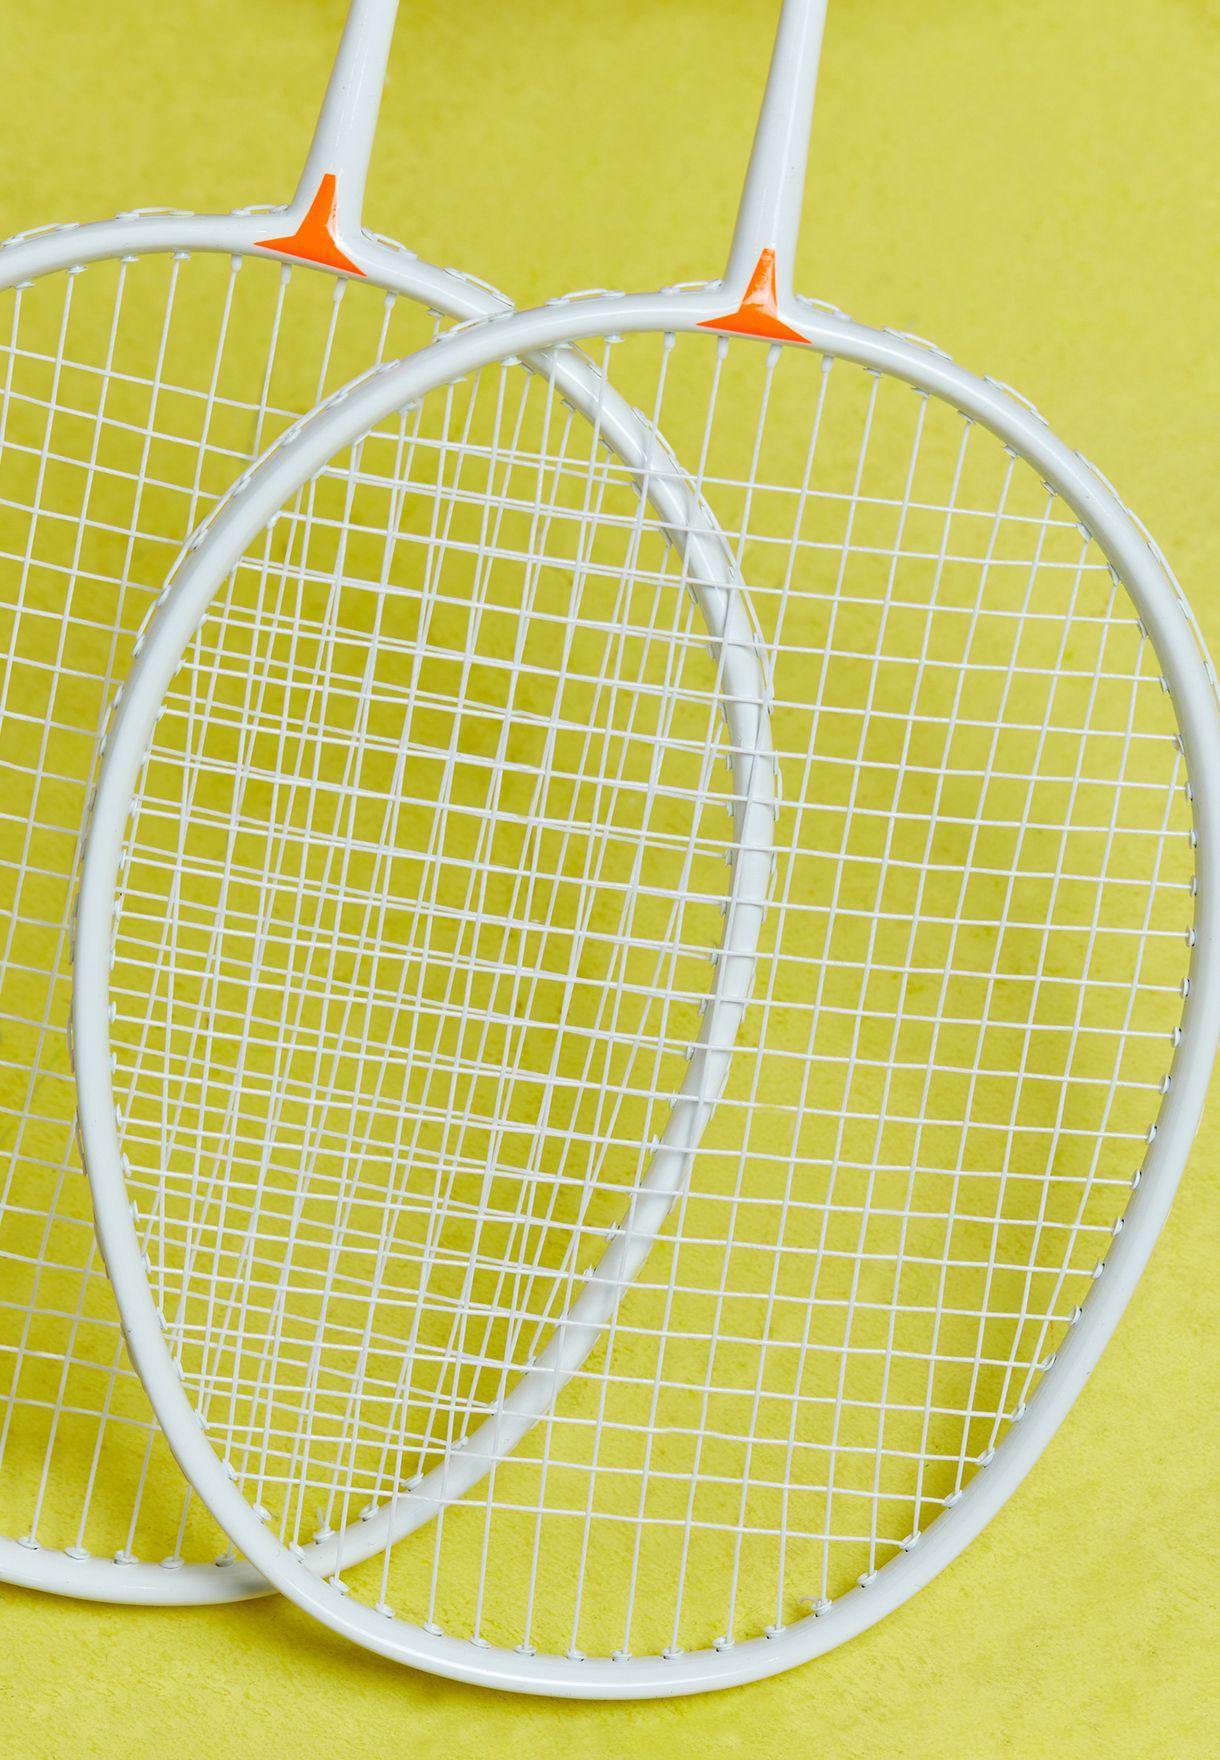 Nouveau Bleu Badminton Set